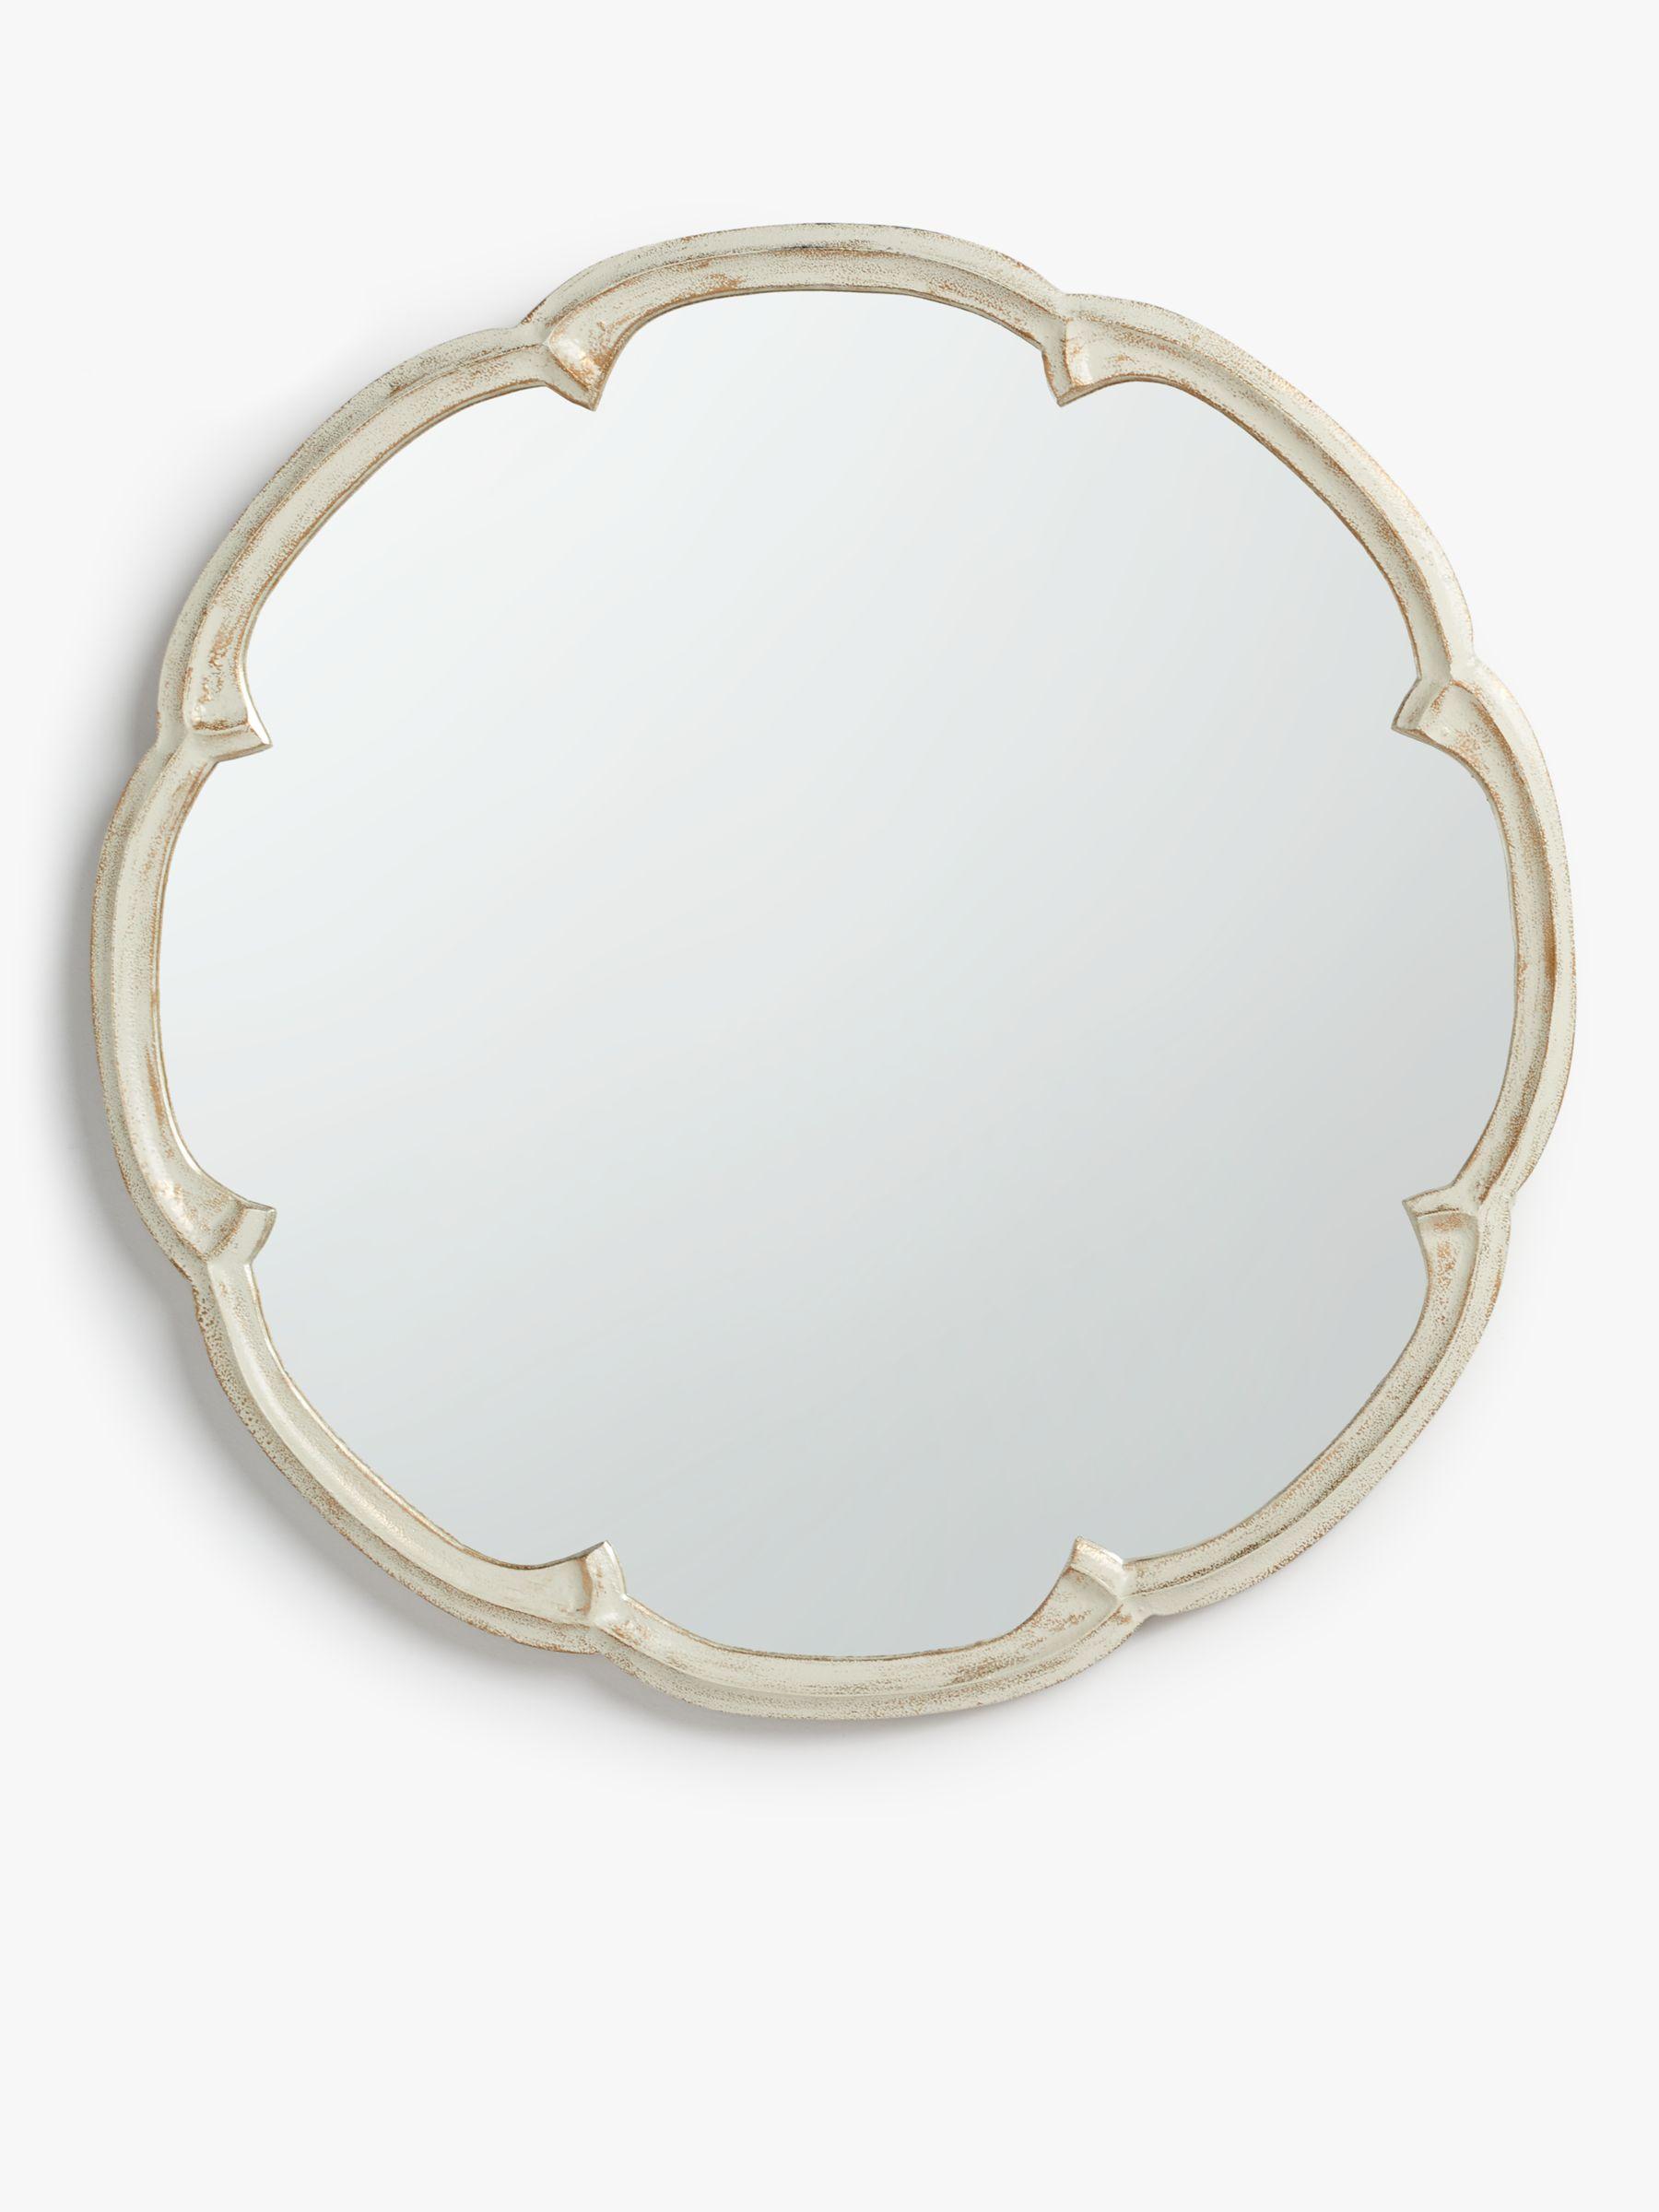 John Lewis Partners Annabel Cast Decorative Mirror Dia 60cm Cream